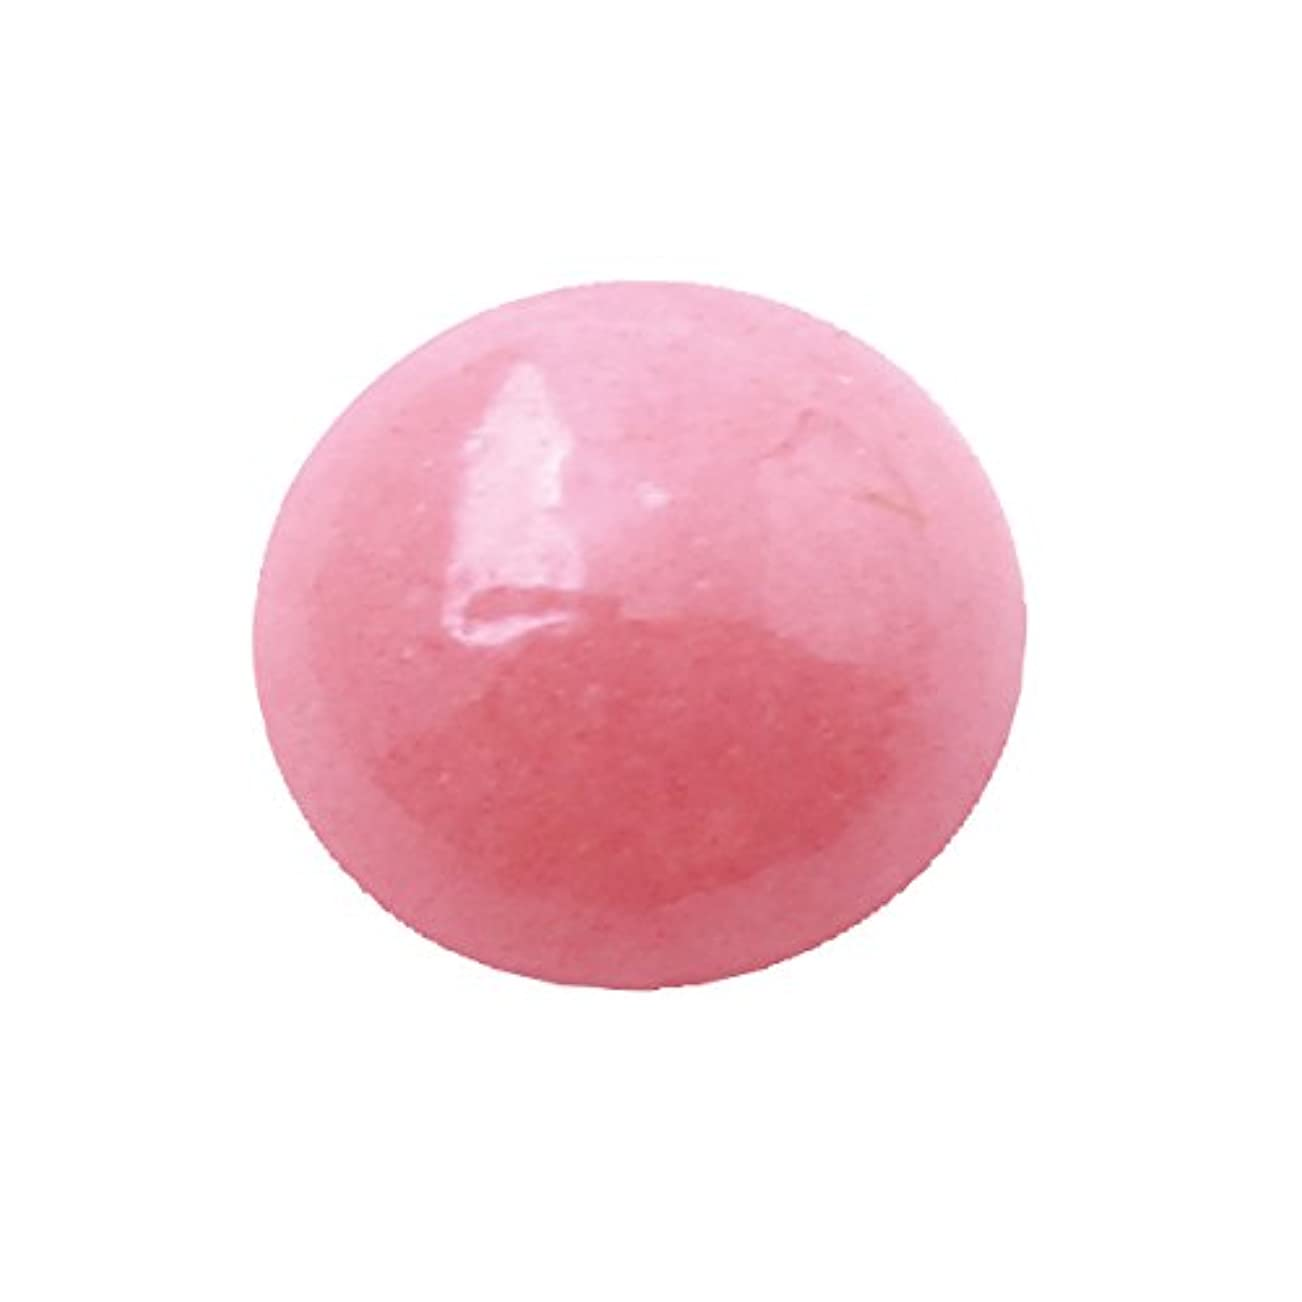 役職ラリーベルモント代数グラスパールラウンド 2mm(各50個)(ストーン ネイルアート ネイル用品)ピンク